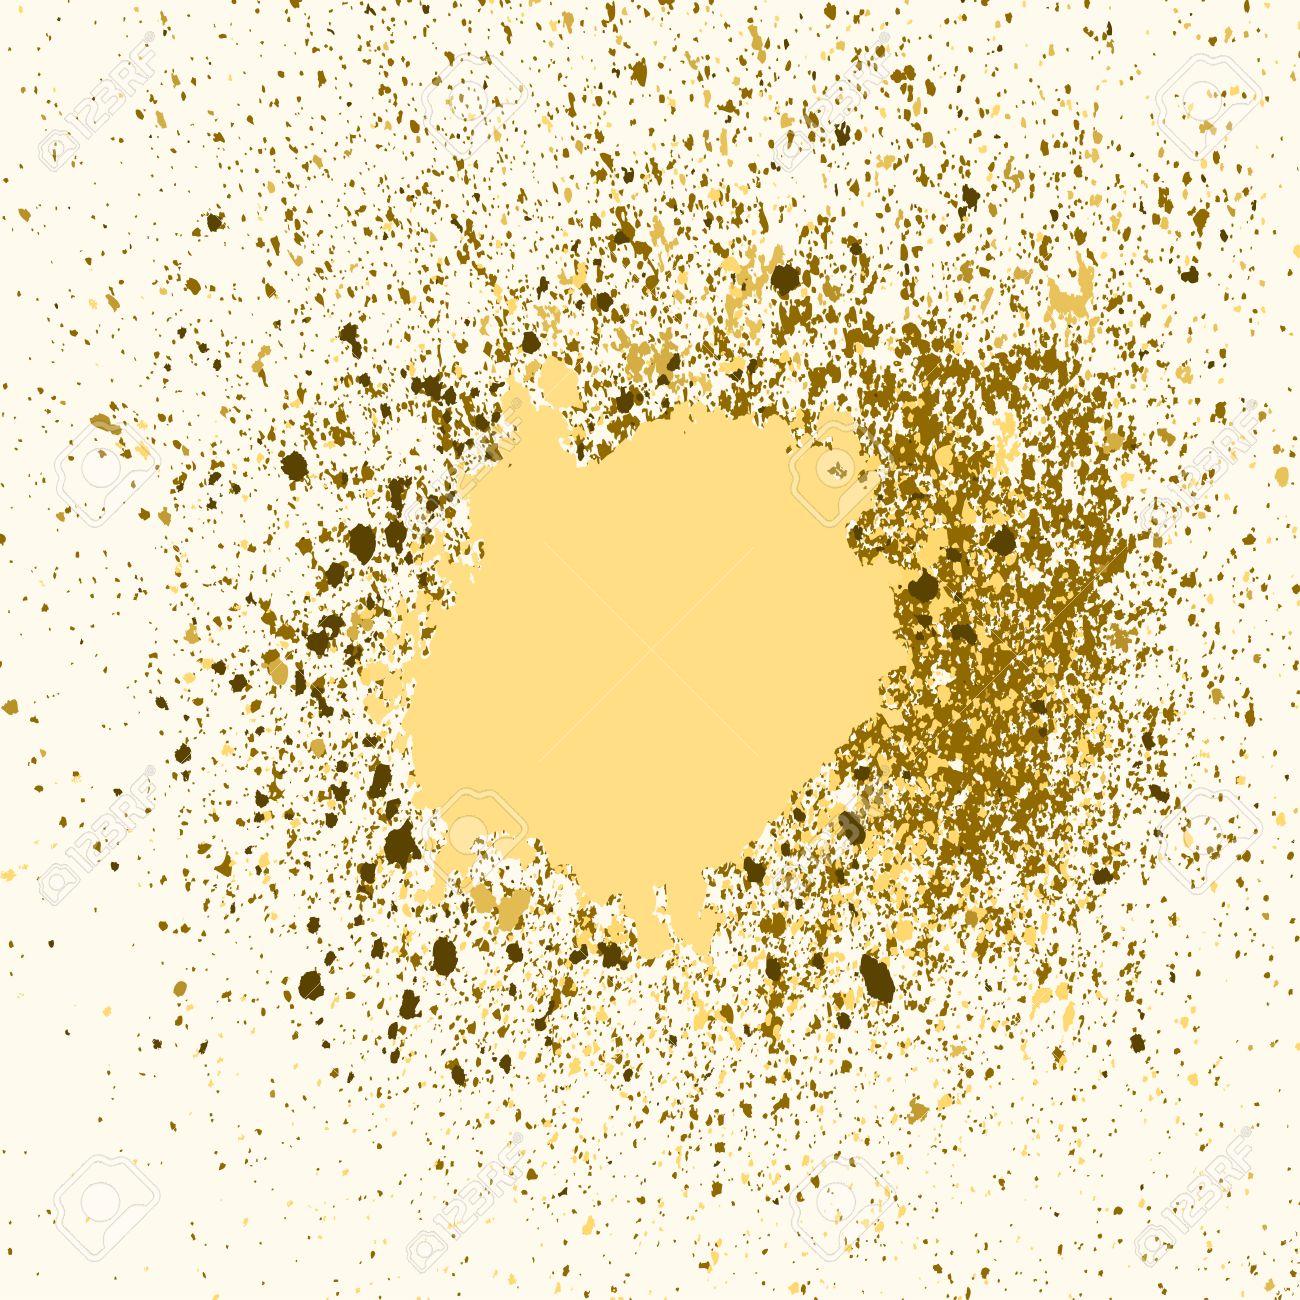 vector gold farbe spritzen, splatter und klecks auf weißem